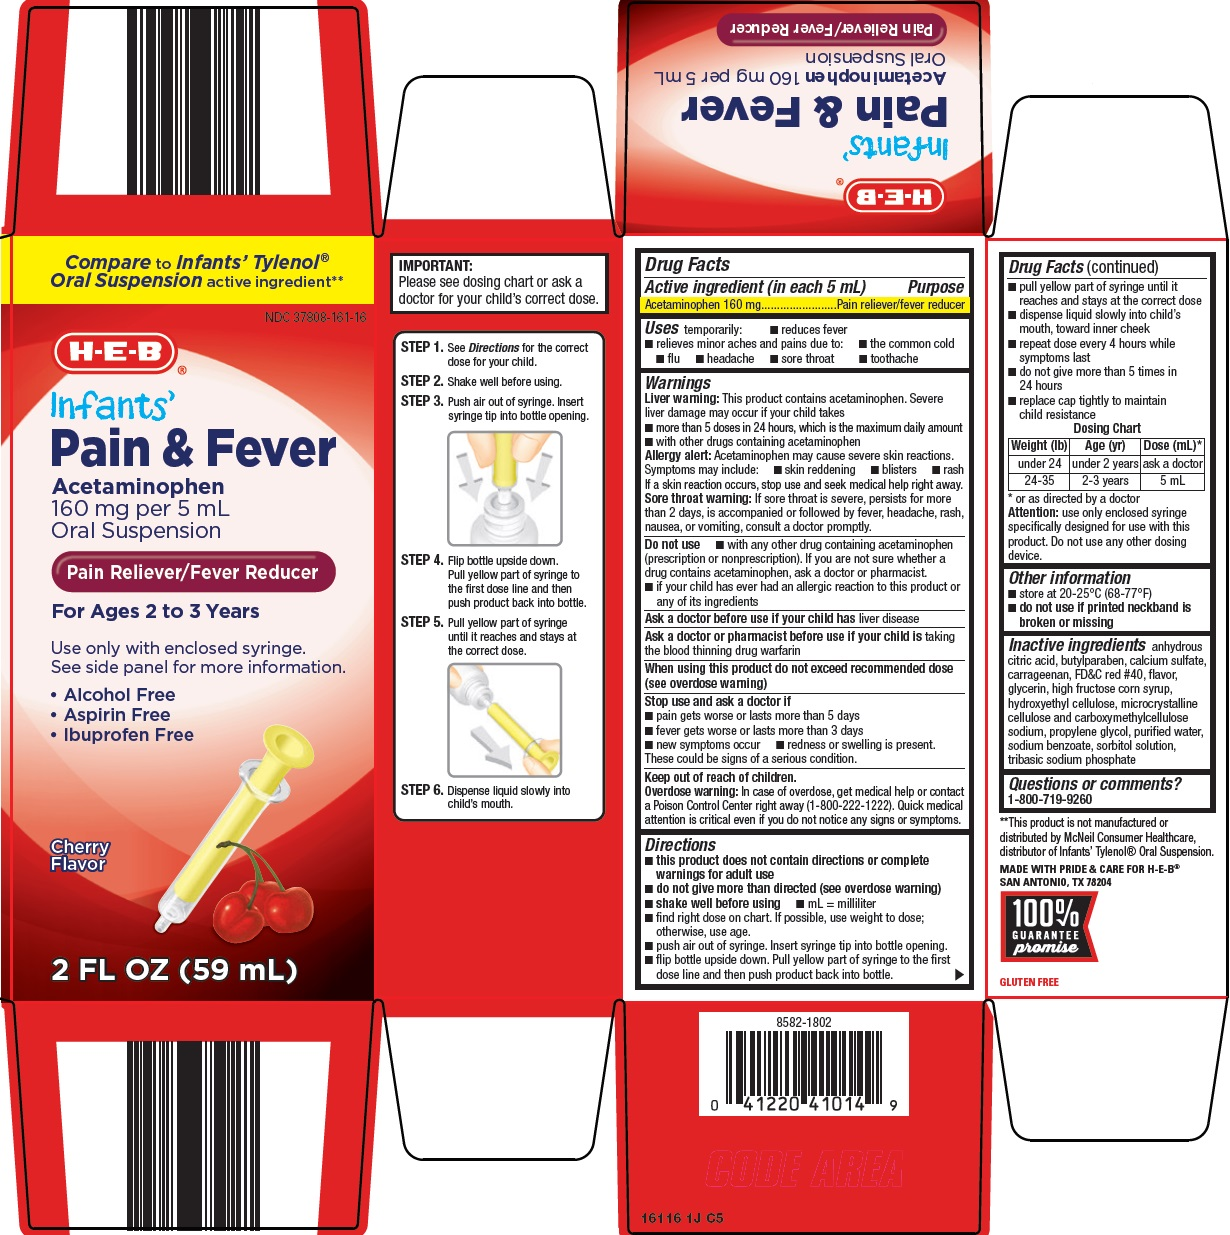 161-1j-pain-&-fever.jpg